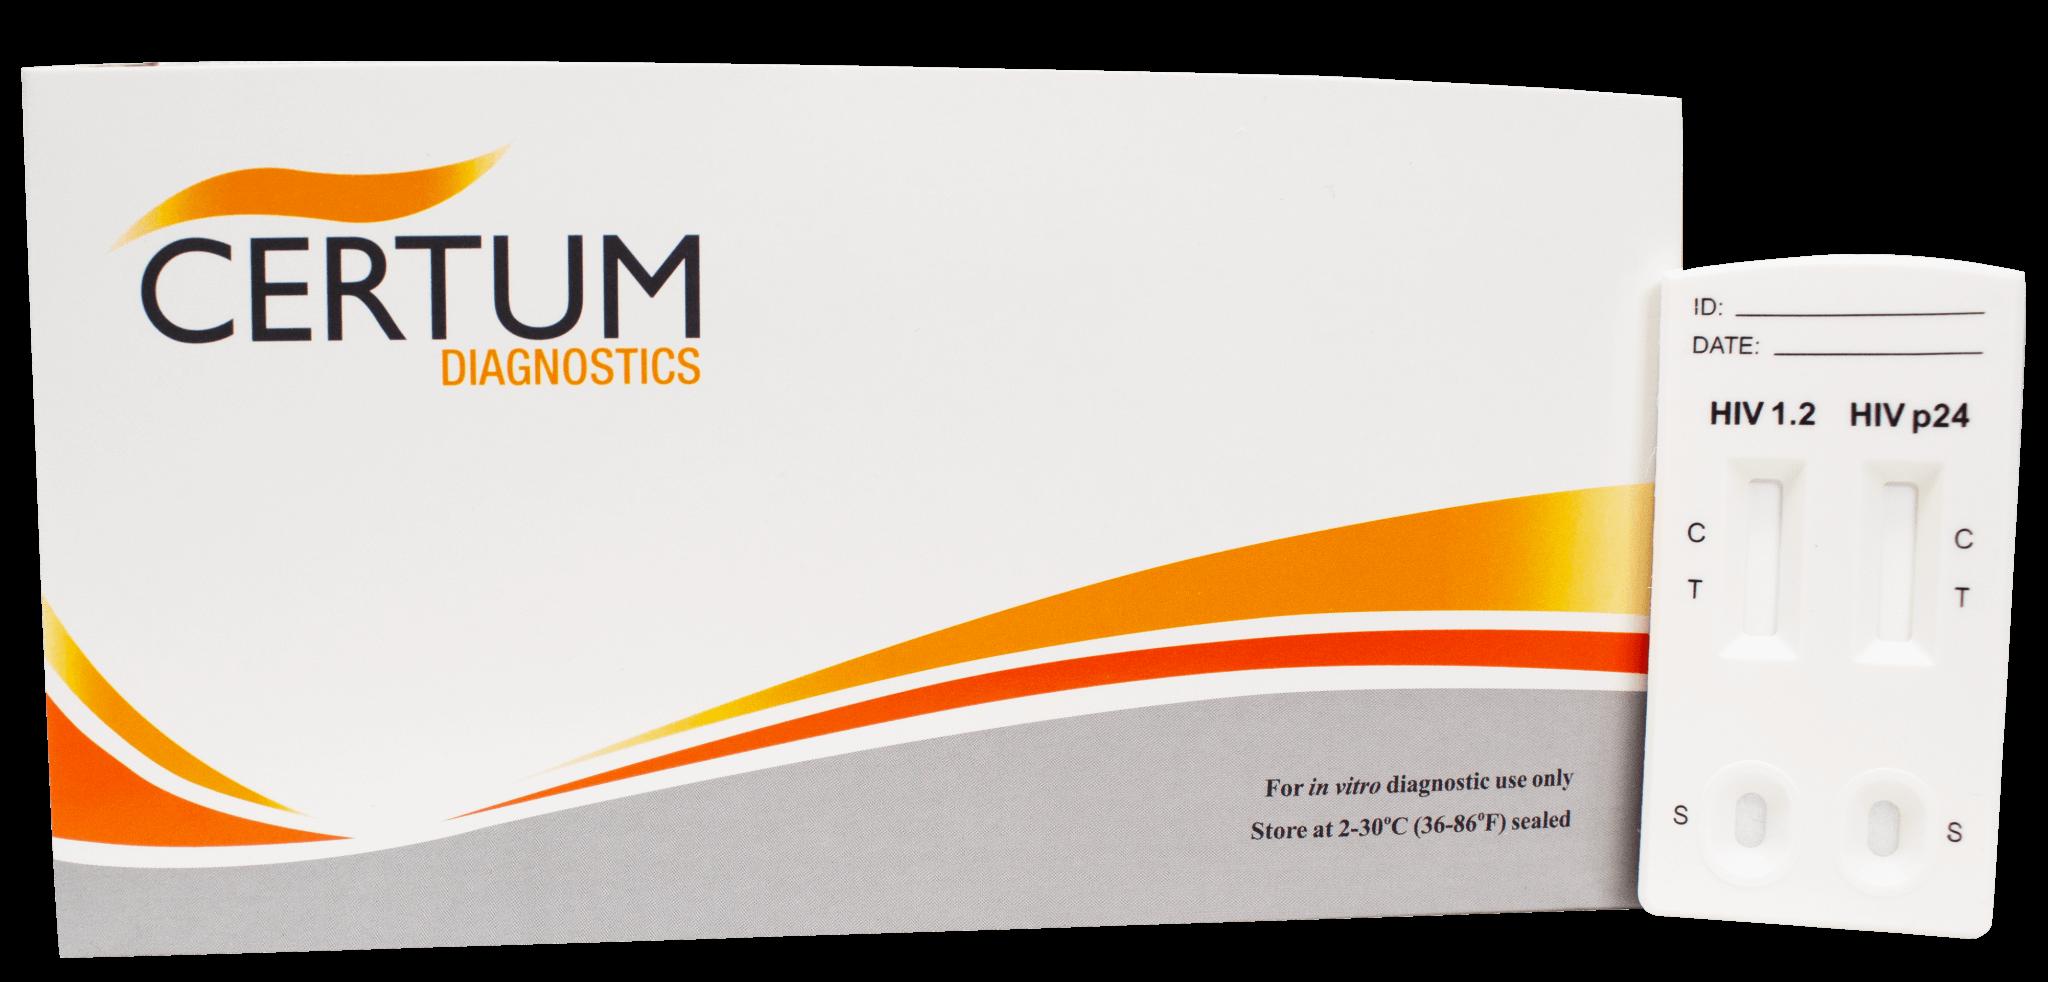 prueba-de-hiv-en-cassette-cuarta-generacion-certum